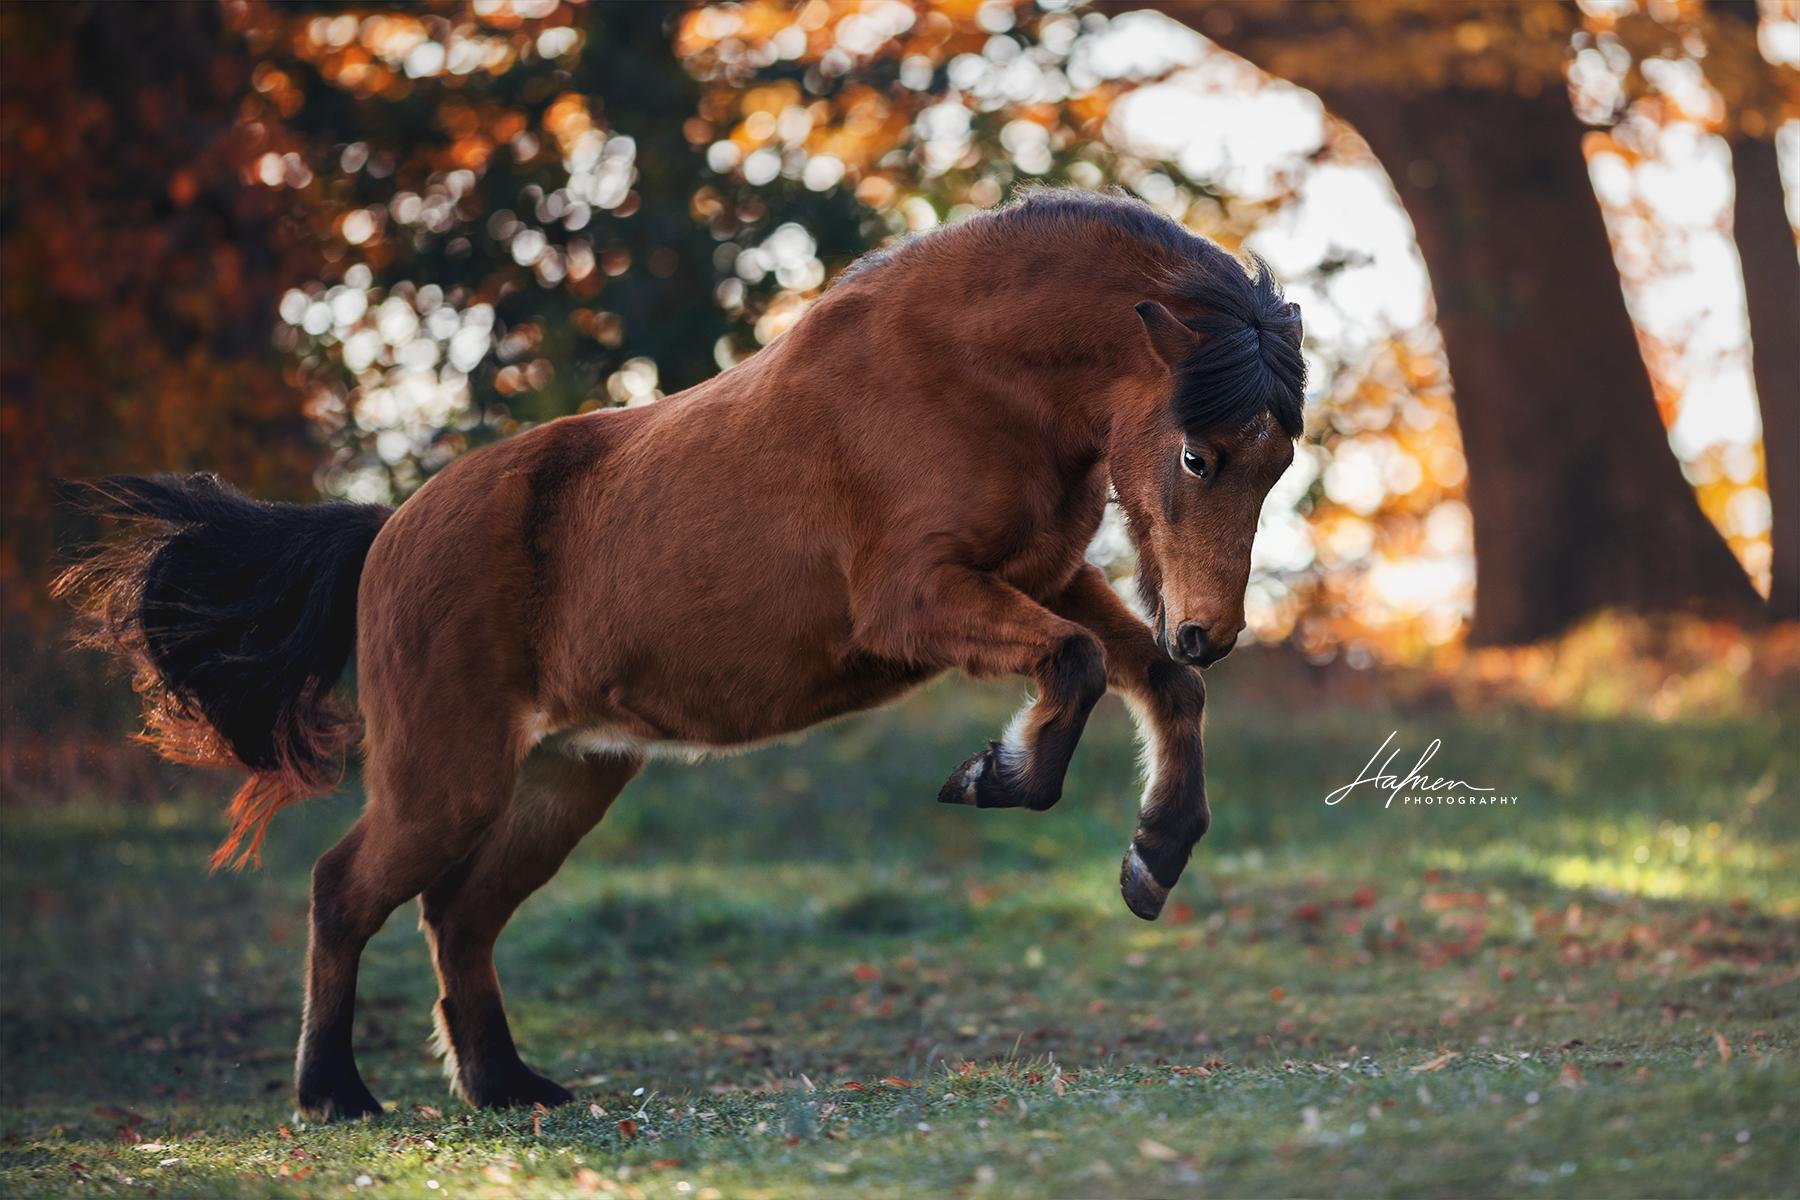 Isländer Stute Im Freilauf Pferde Fotografie Pferdefotografie Pferdefotos